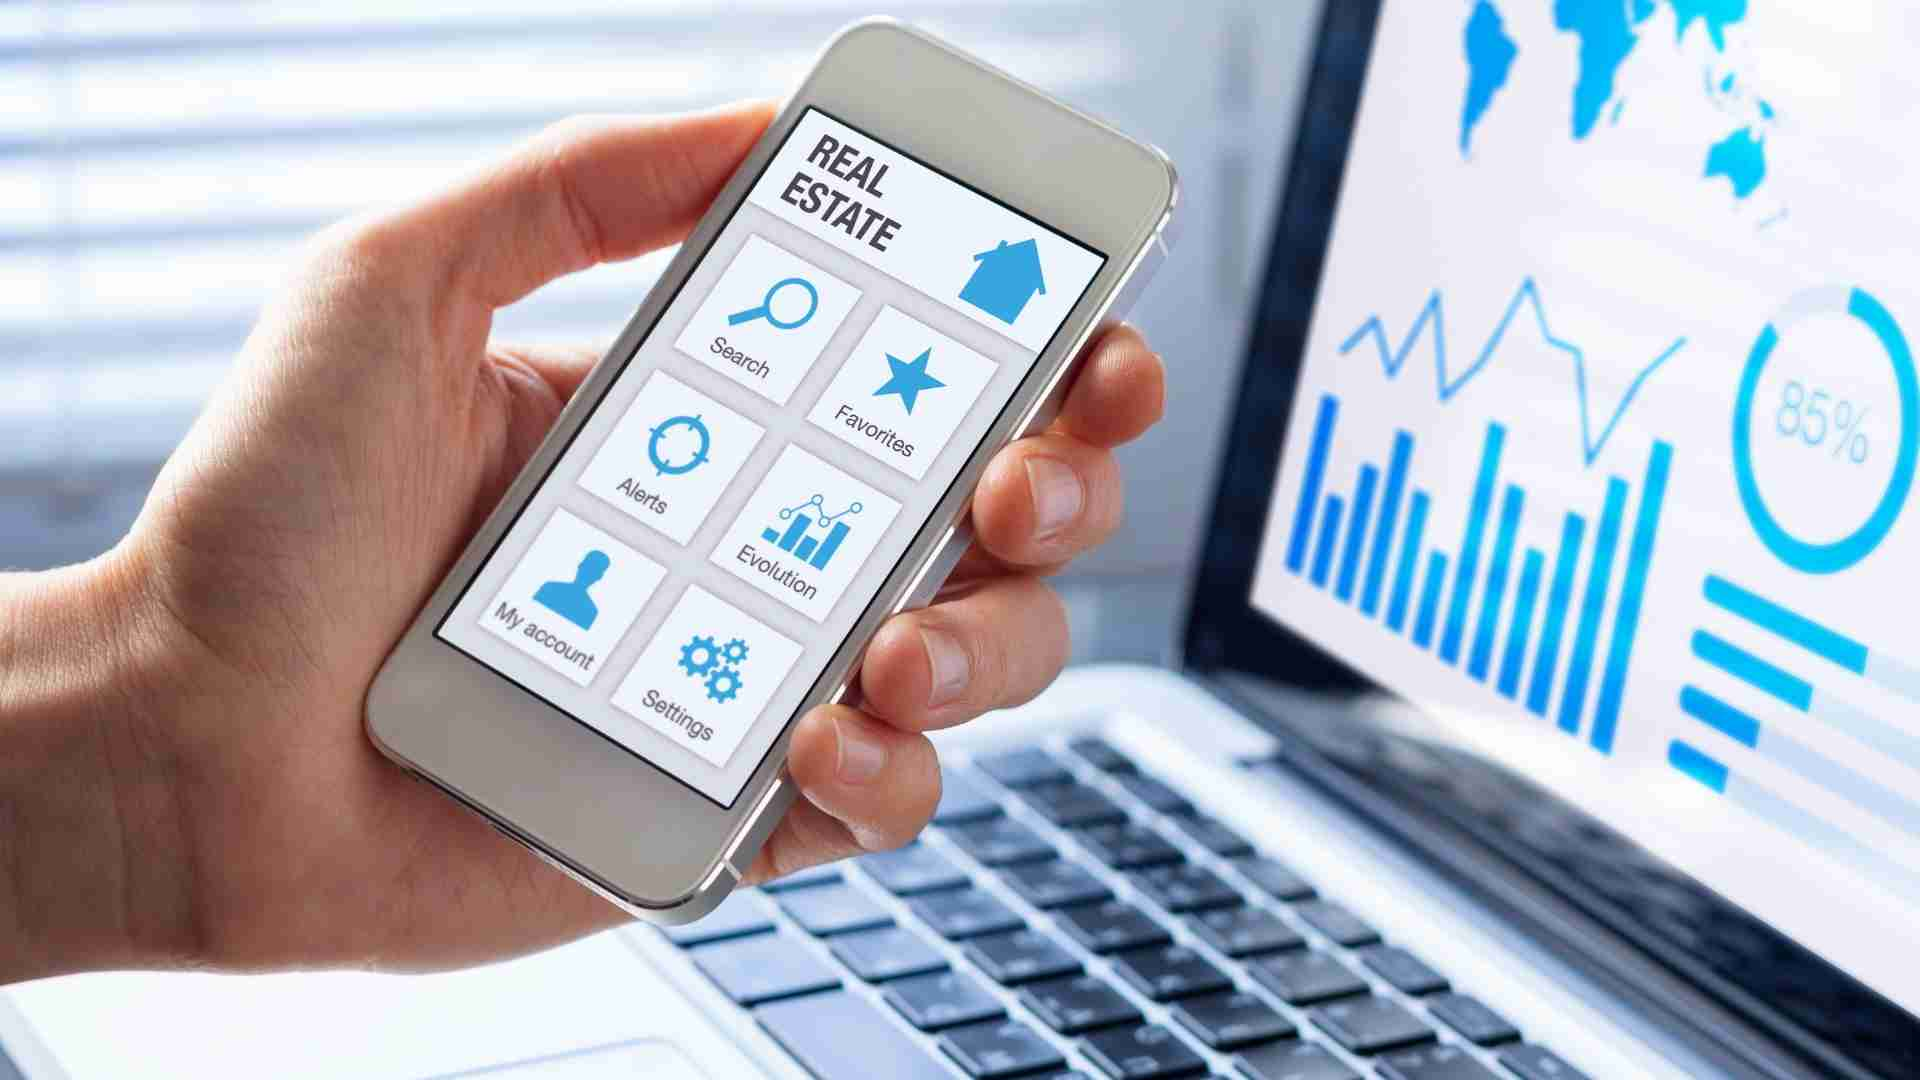 ventajas competitivas de Acumatica - Aplia tus alcances de venta desde las aplicaciones móviles de Acumatica y ClandBus